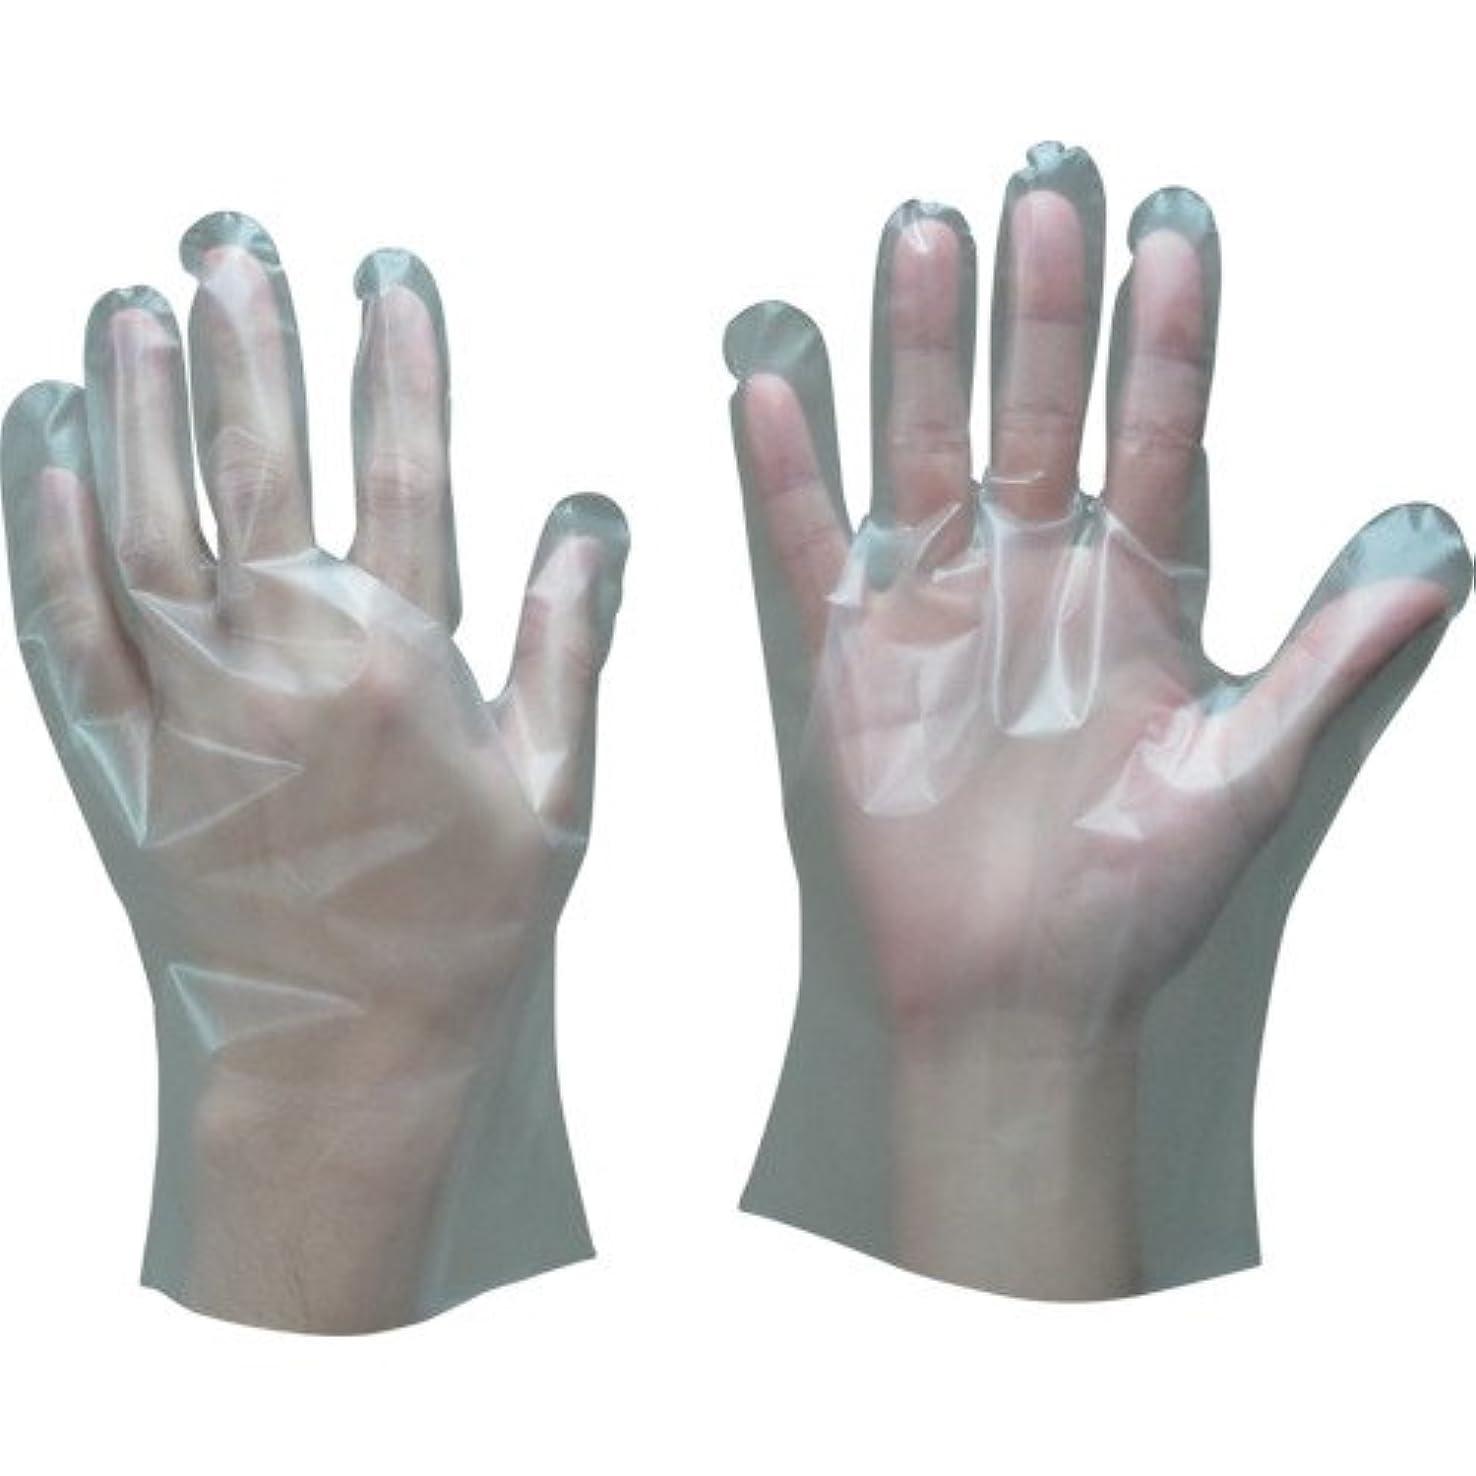 磁気再編成する既に株 東和コーポレーション トワロン ポリエチレン手袋内エンボス 100枚入 M 409-M